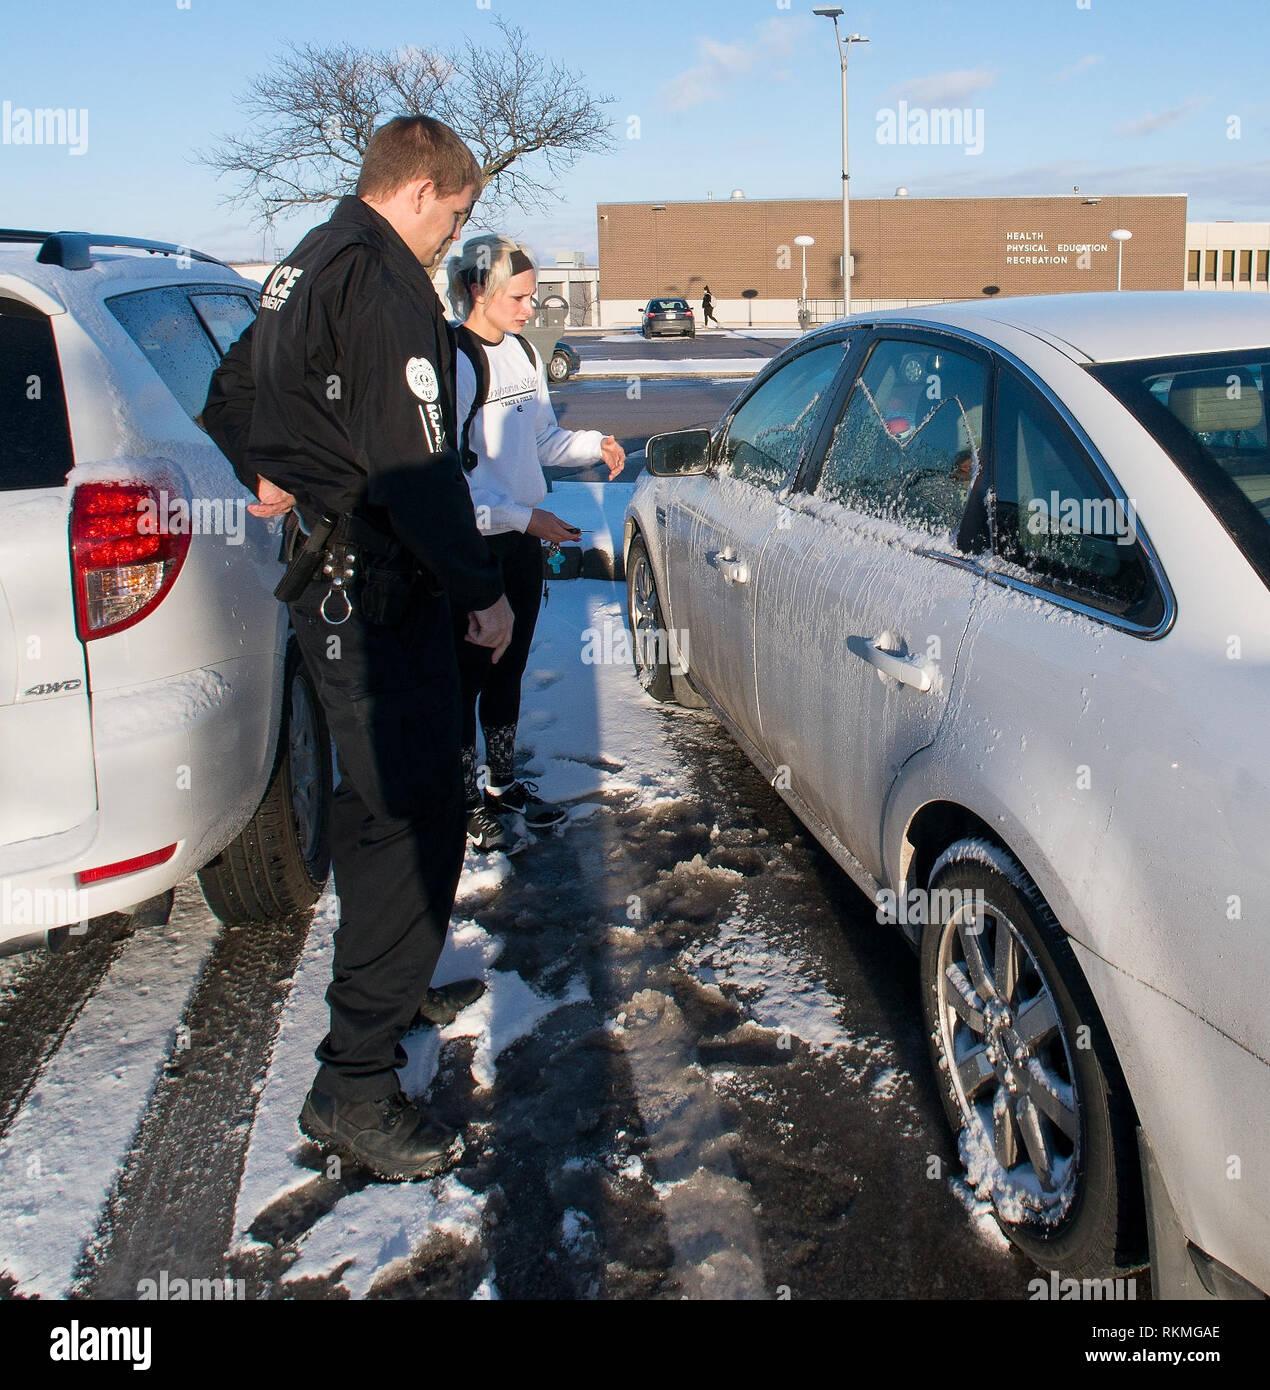 Emporia, Kansas USA, February 17, 2015 5:14pm Officer